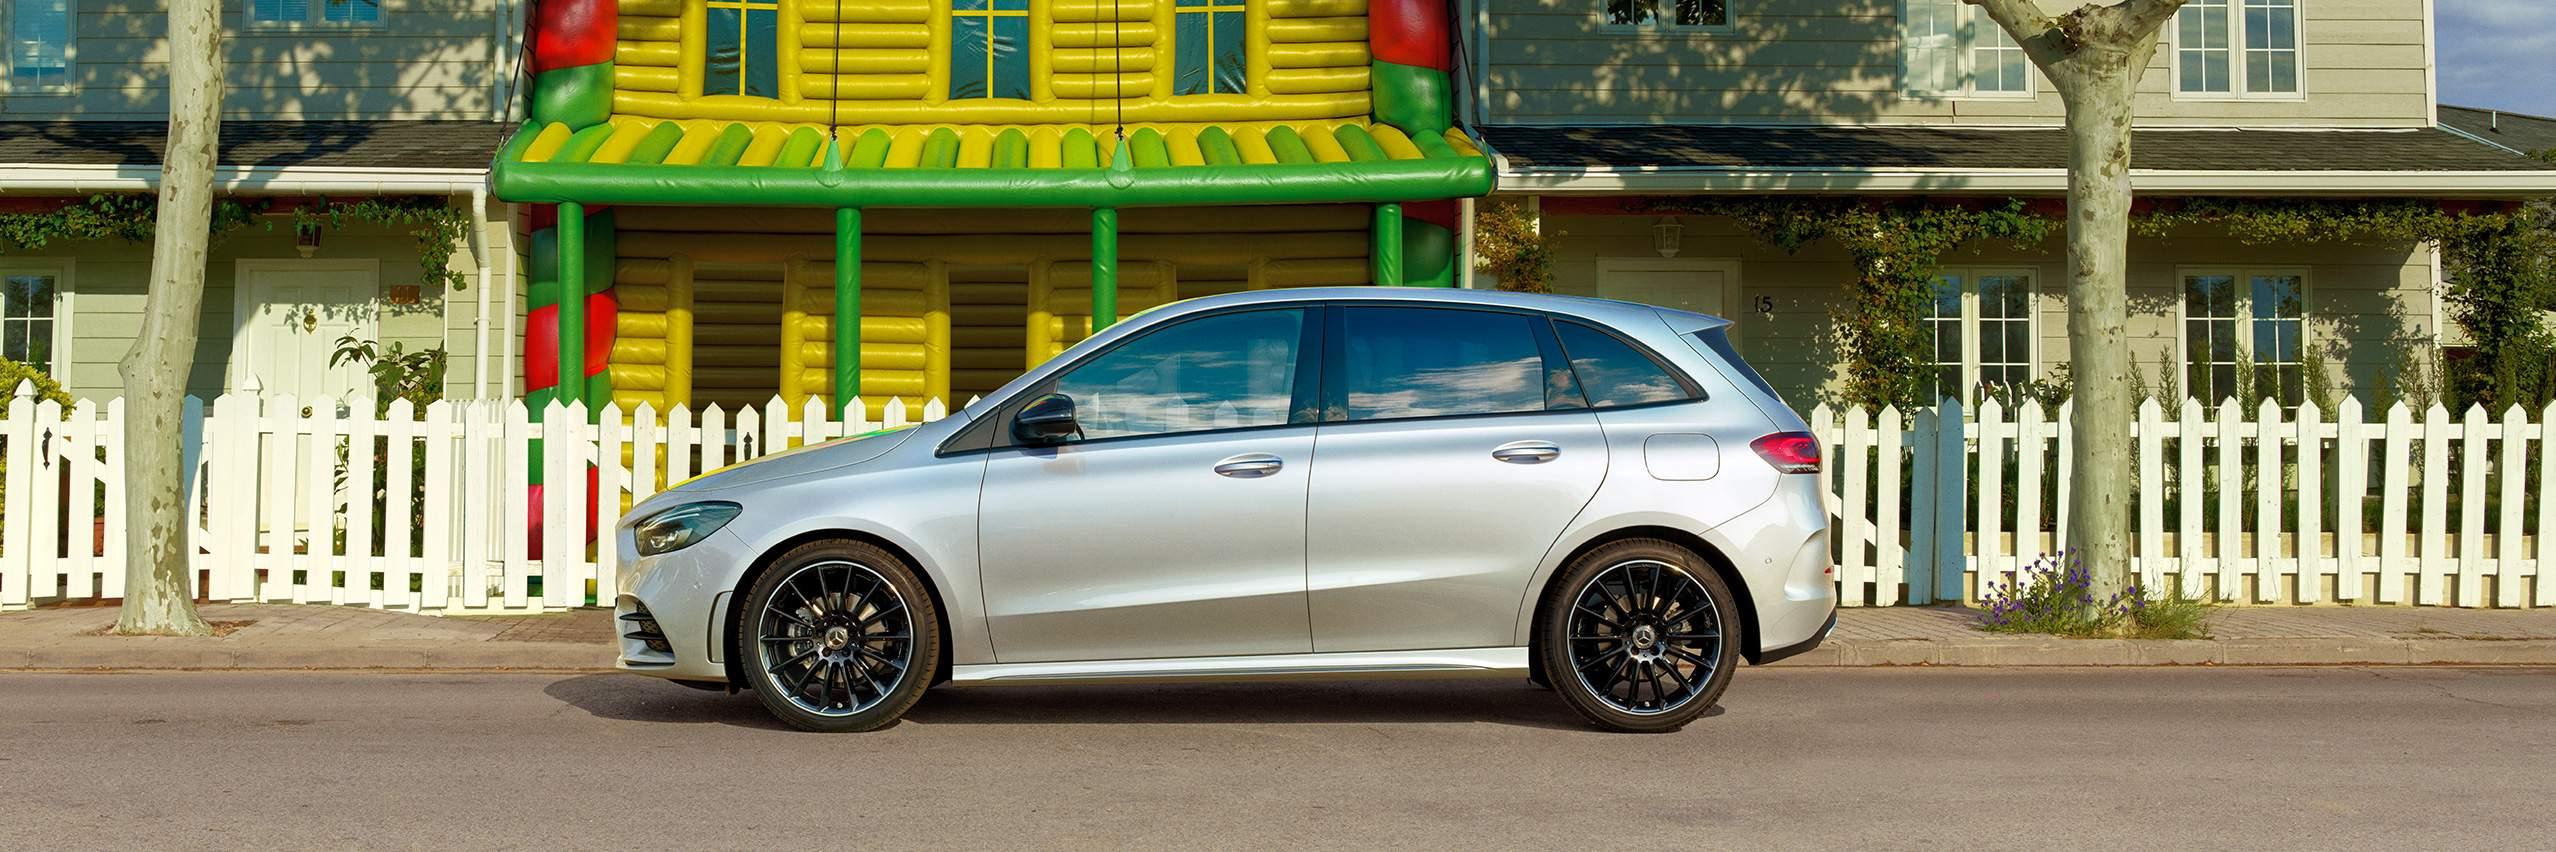 CAR-Avenue-Mercedes-Benz-Classe-B-08